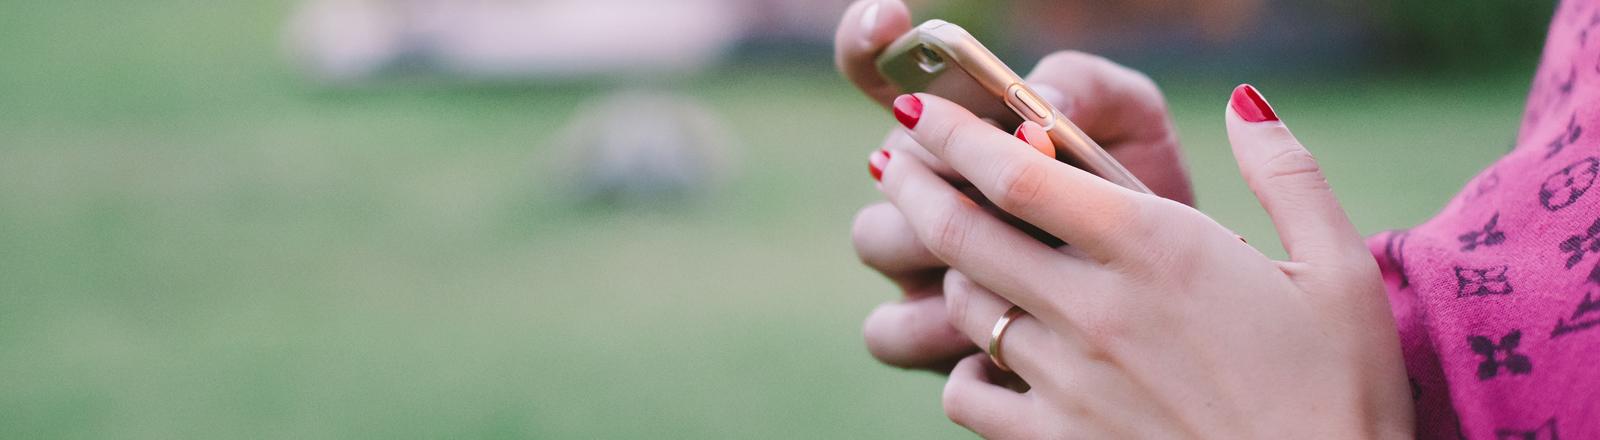 Gemeinsames Tippen auf dem Smartphone.